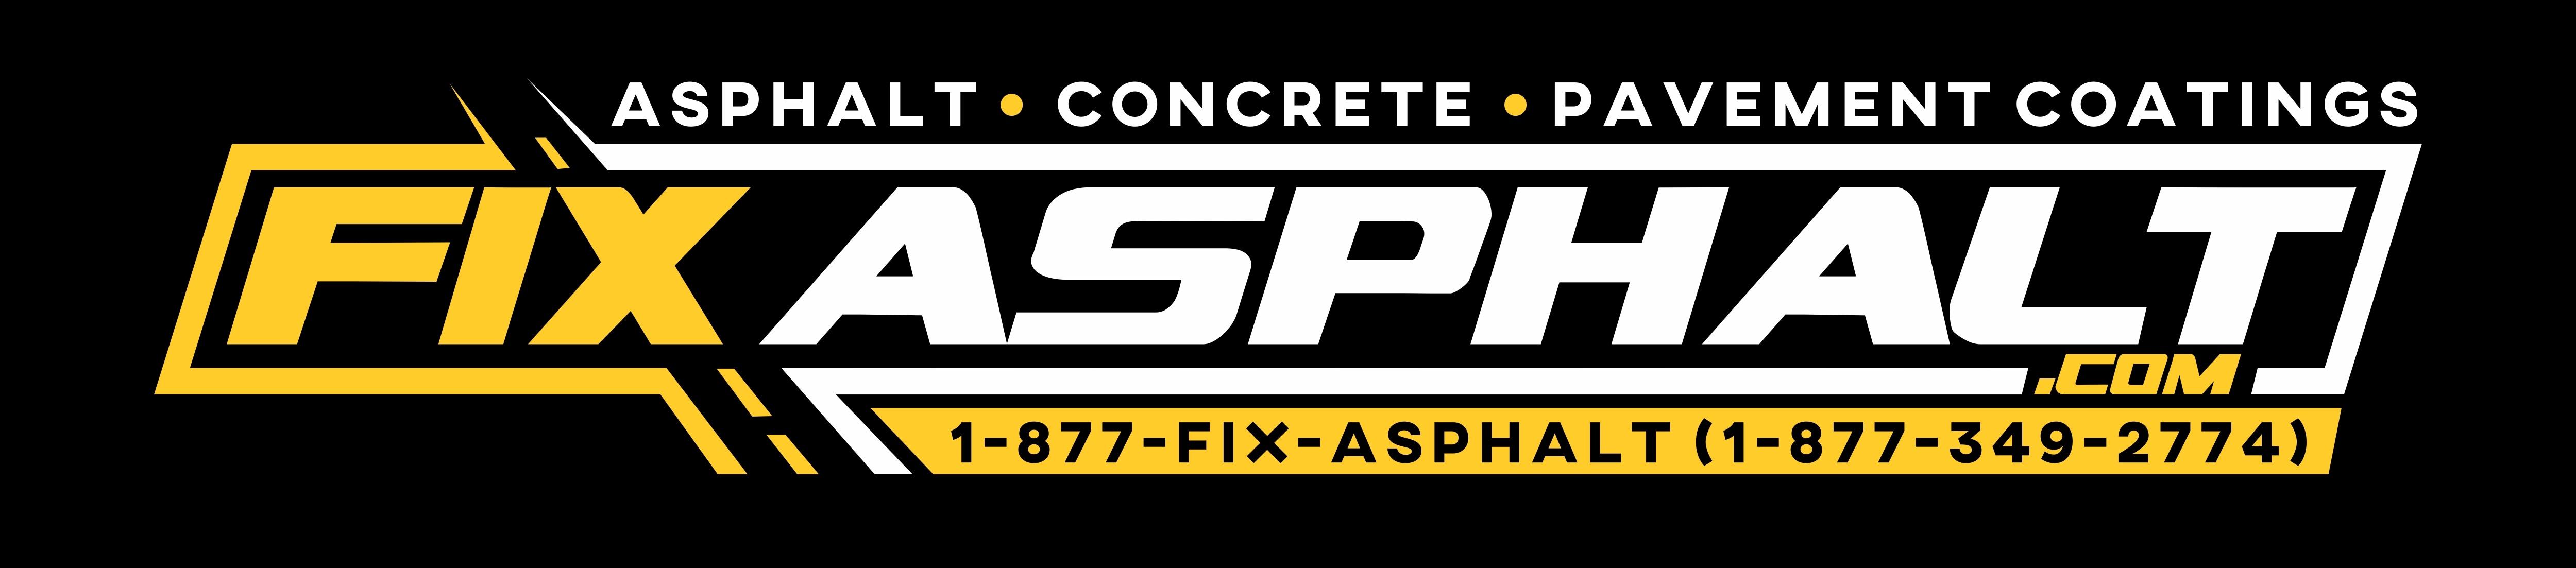 FIX ASPHALT logo.jpg